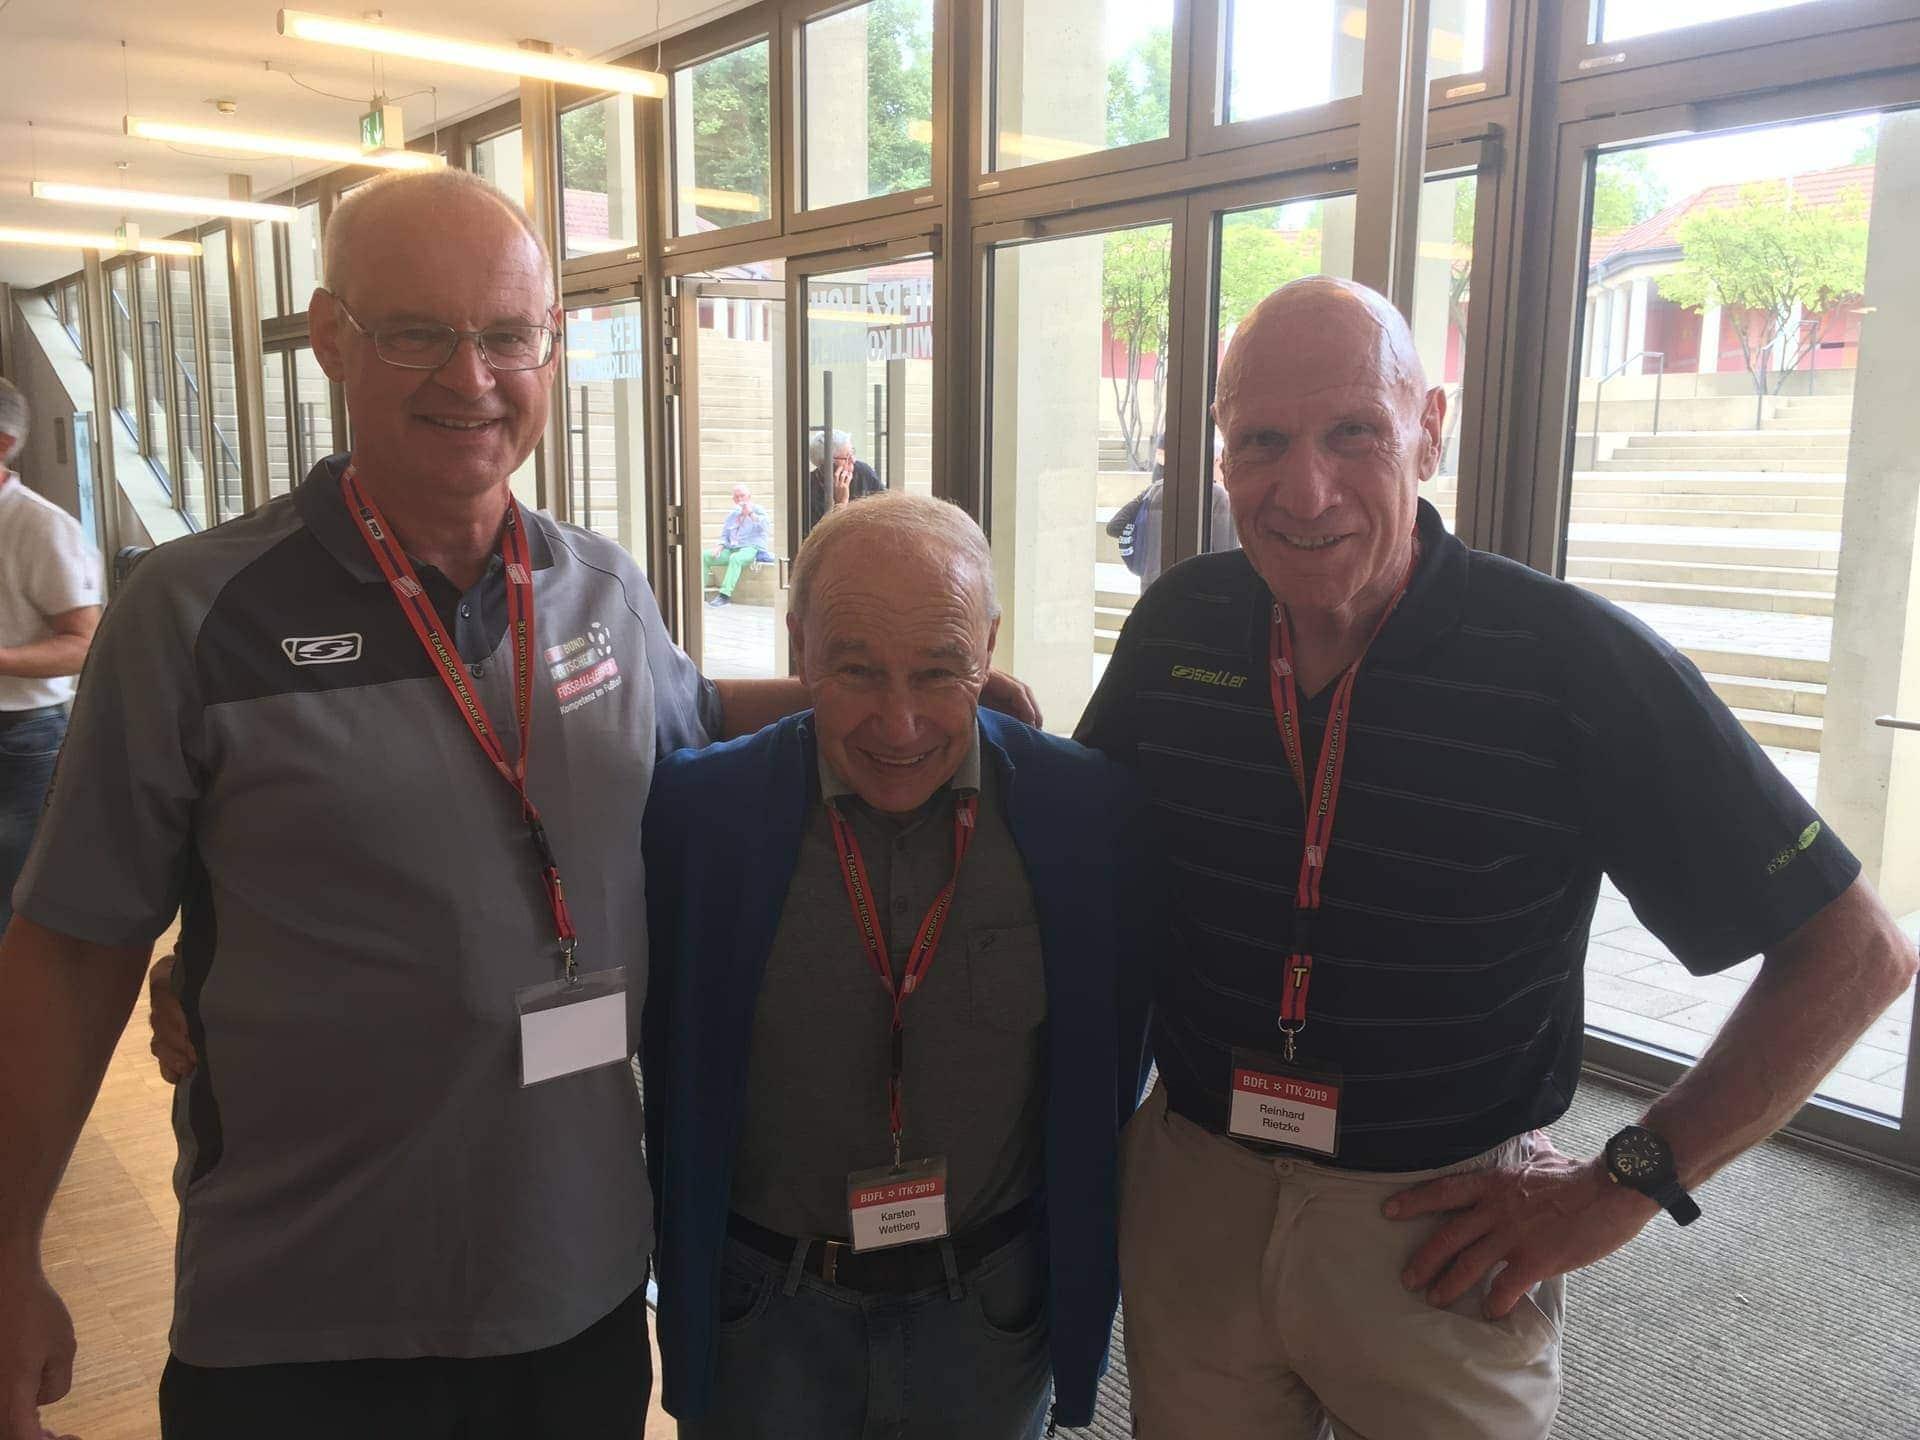 Blizz Leserreporter Trainerkongress in Kassel/Jugendleiter des SV Sallern dabei